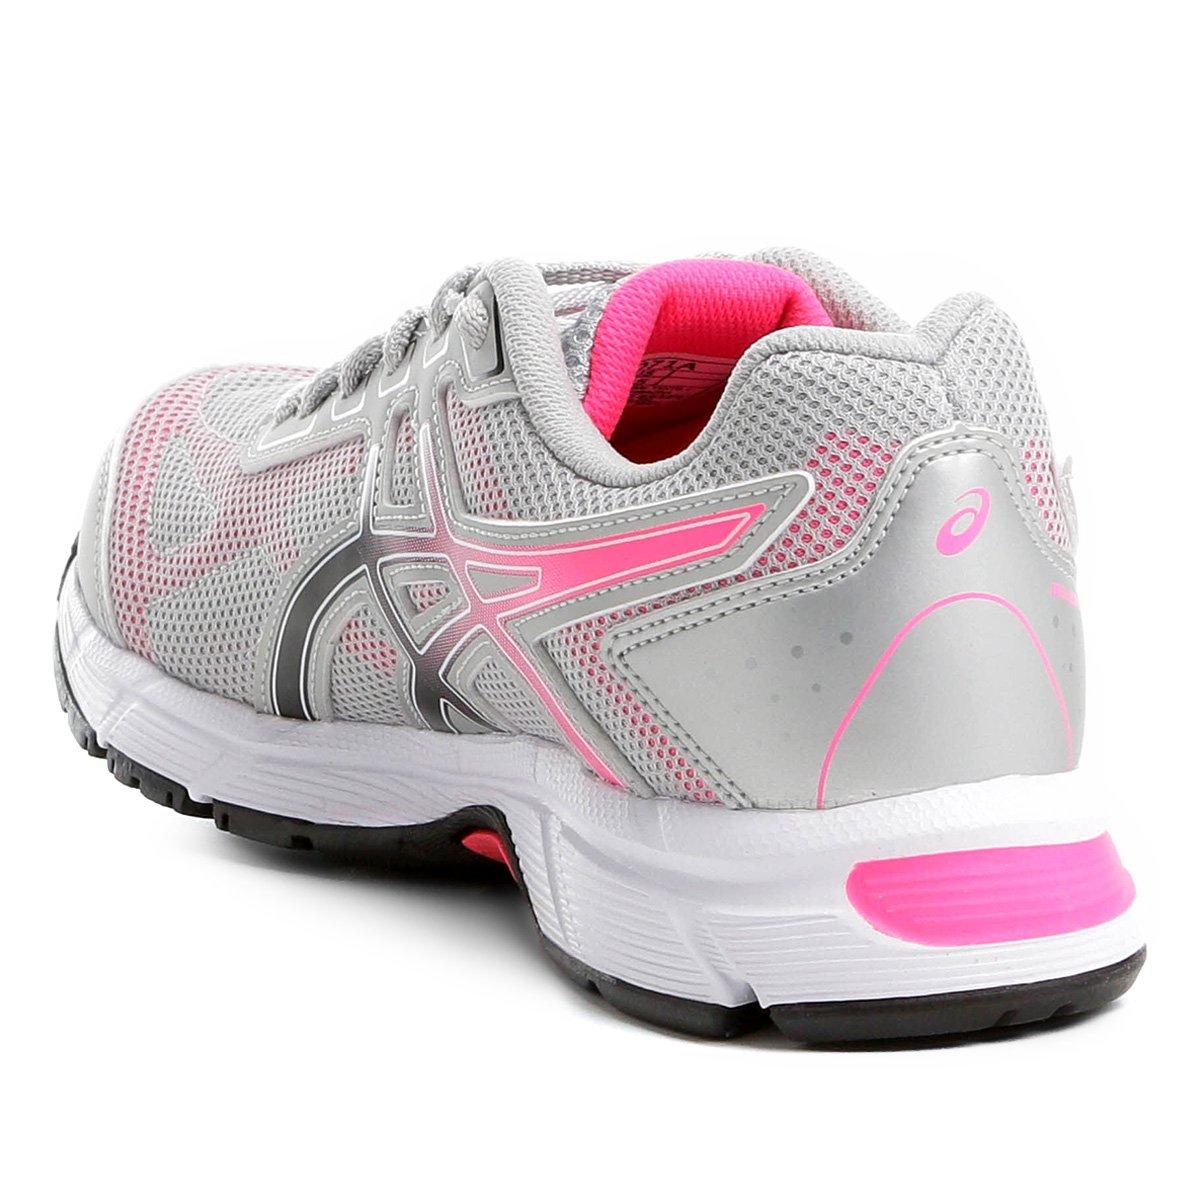 Tênis Asics Gel Impression 9 Feminino - Rosa e prata - Compre Agora ... b89c76638cbf7